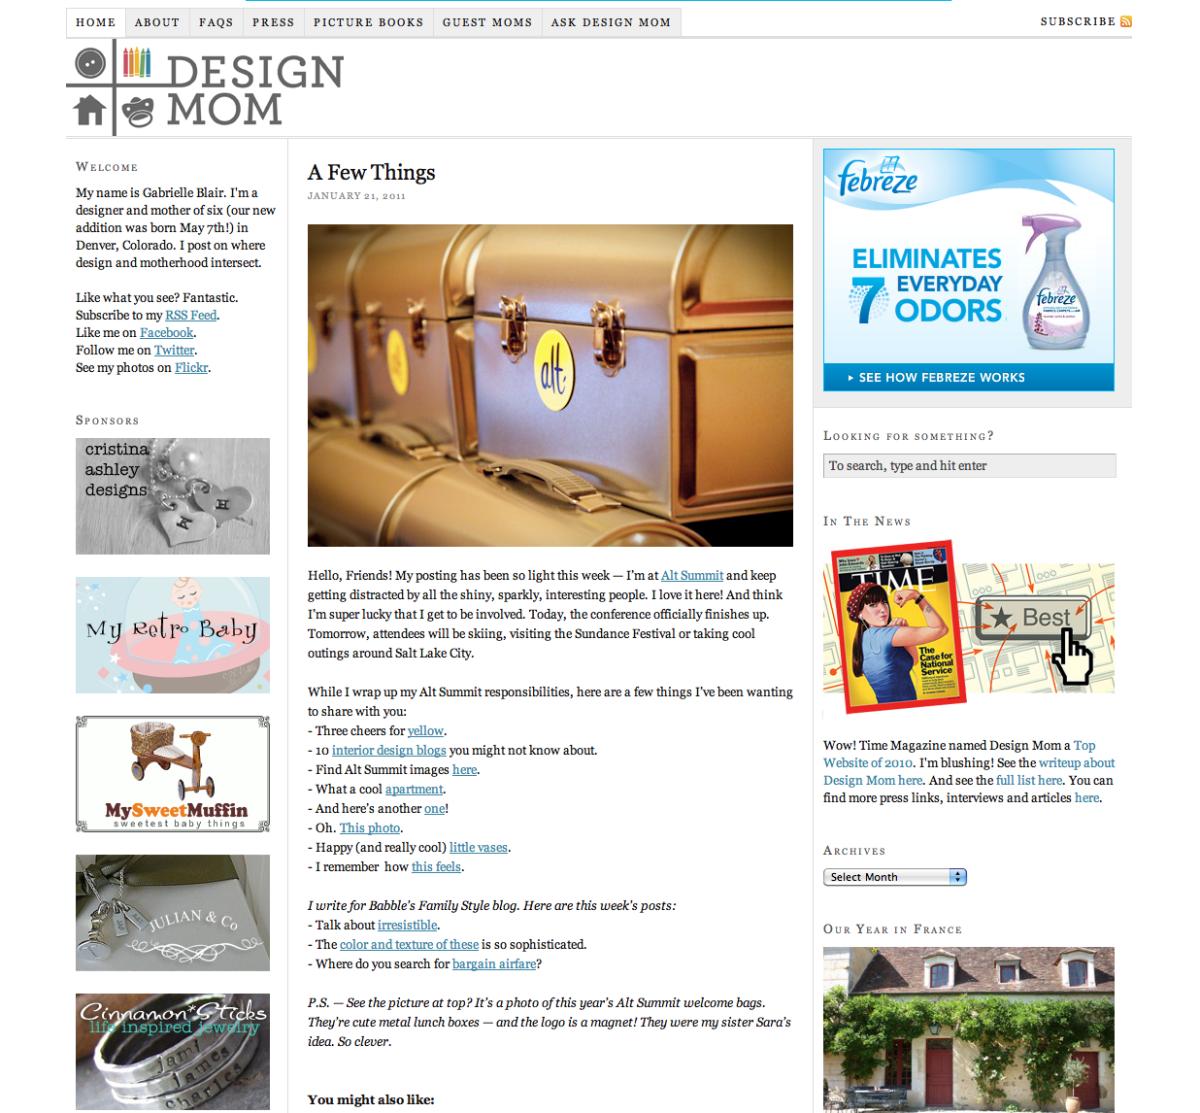 DesignMom.com